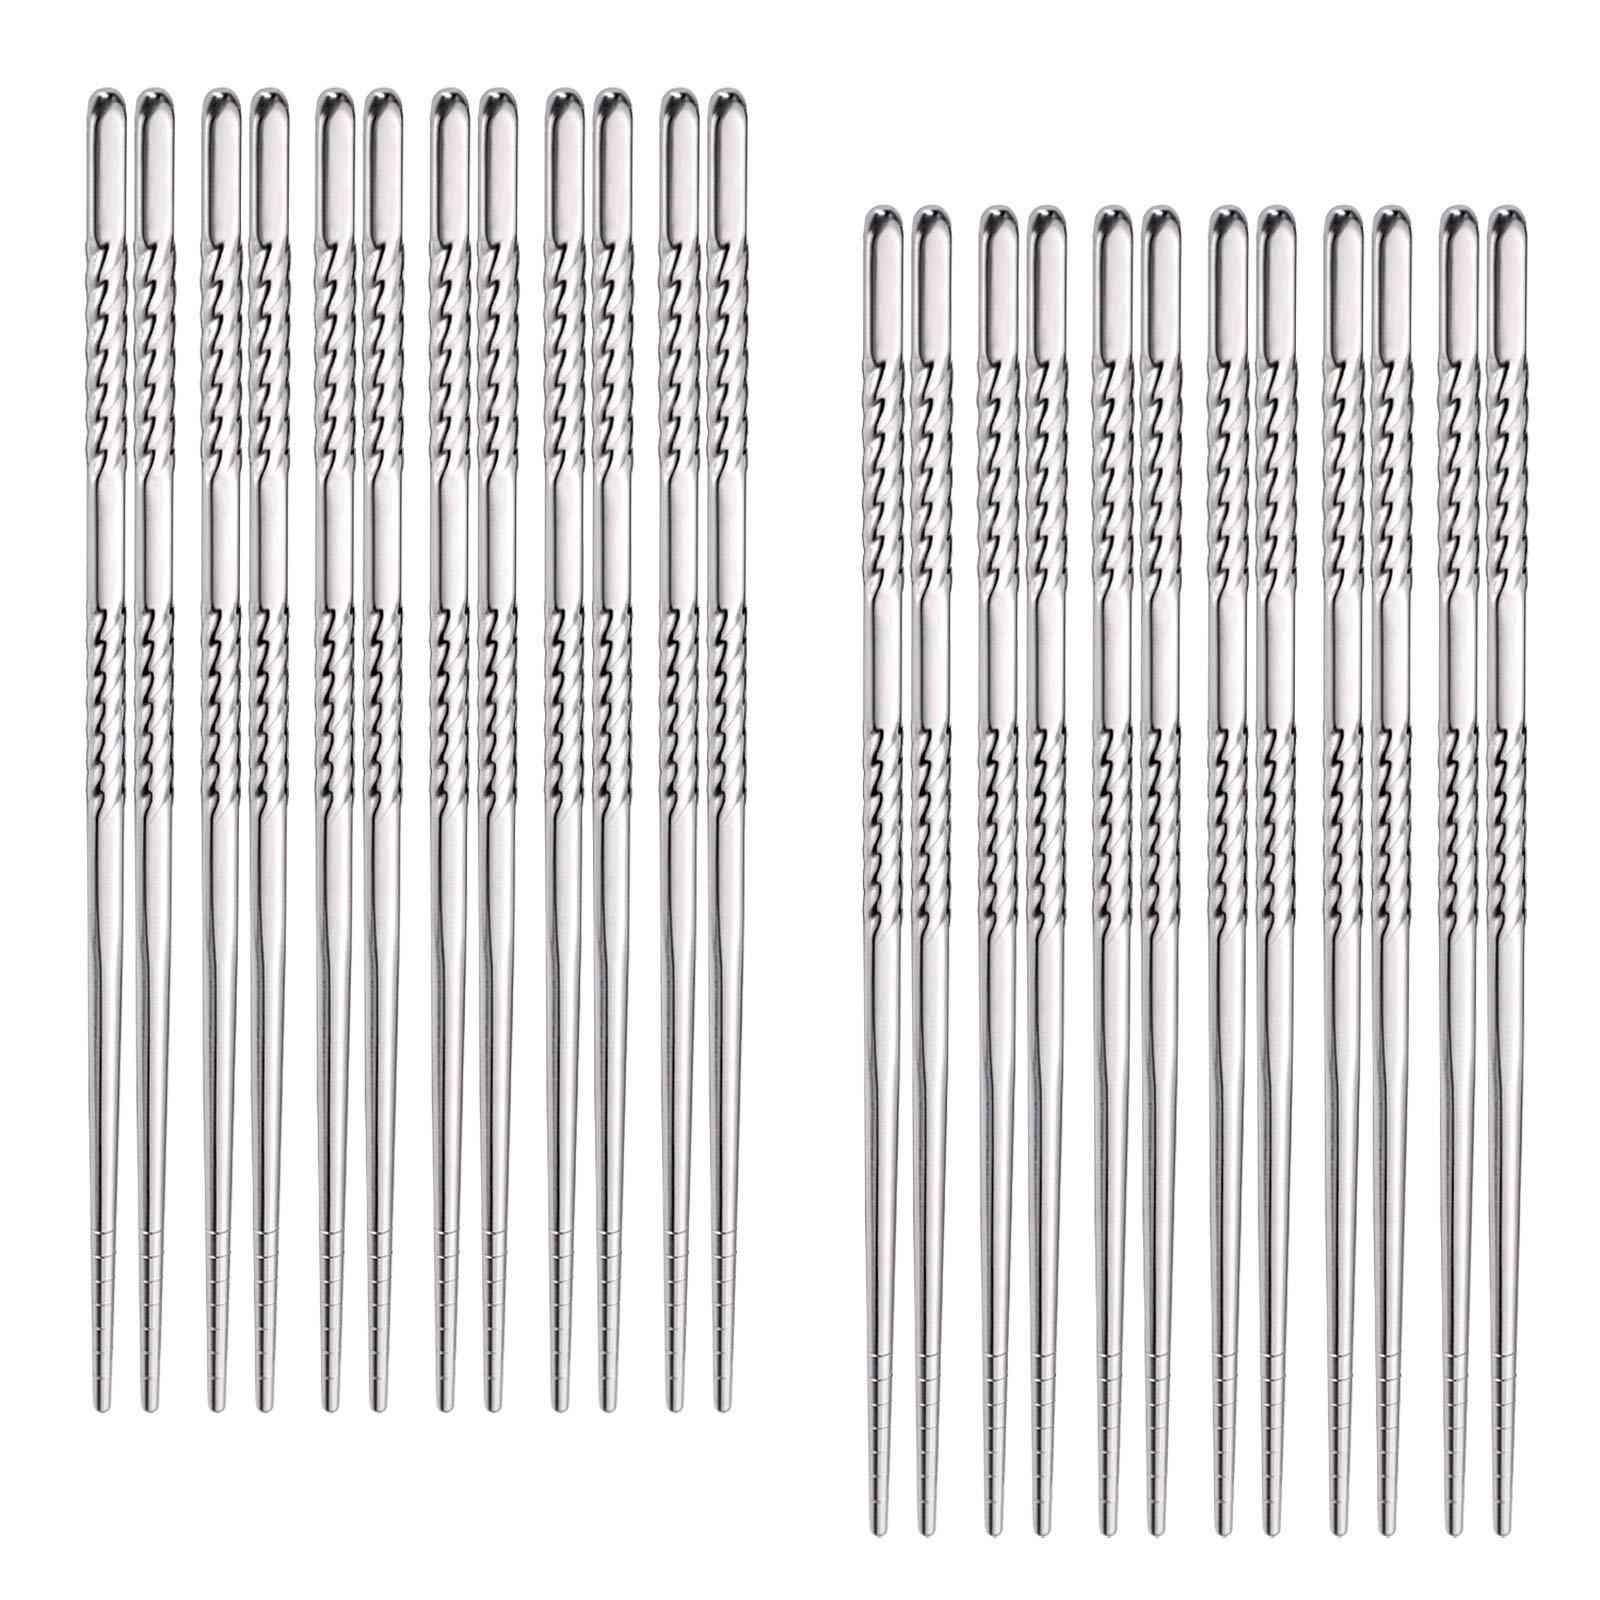 Hiware Reusable Metal Chopsticks